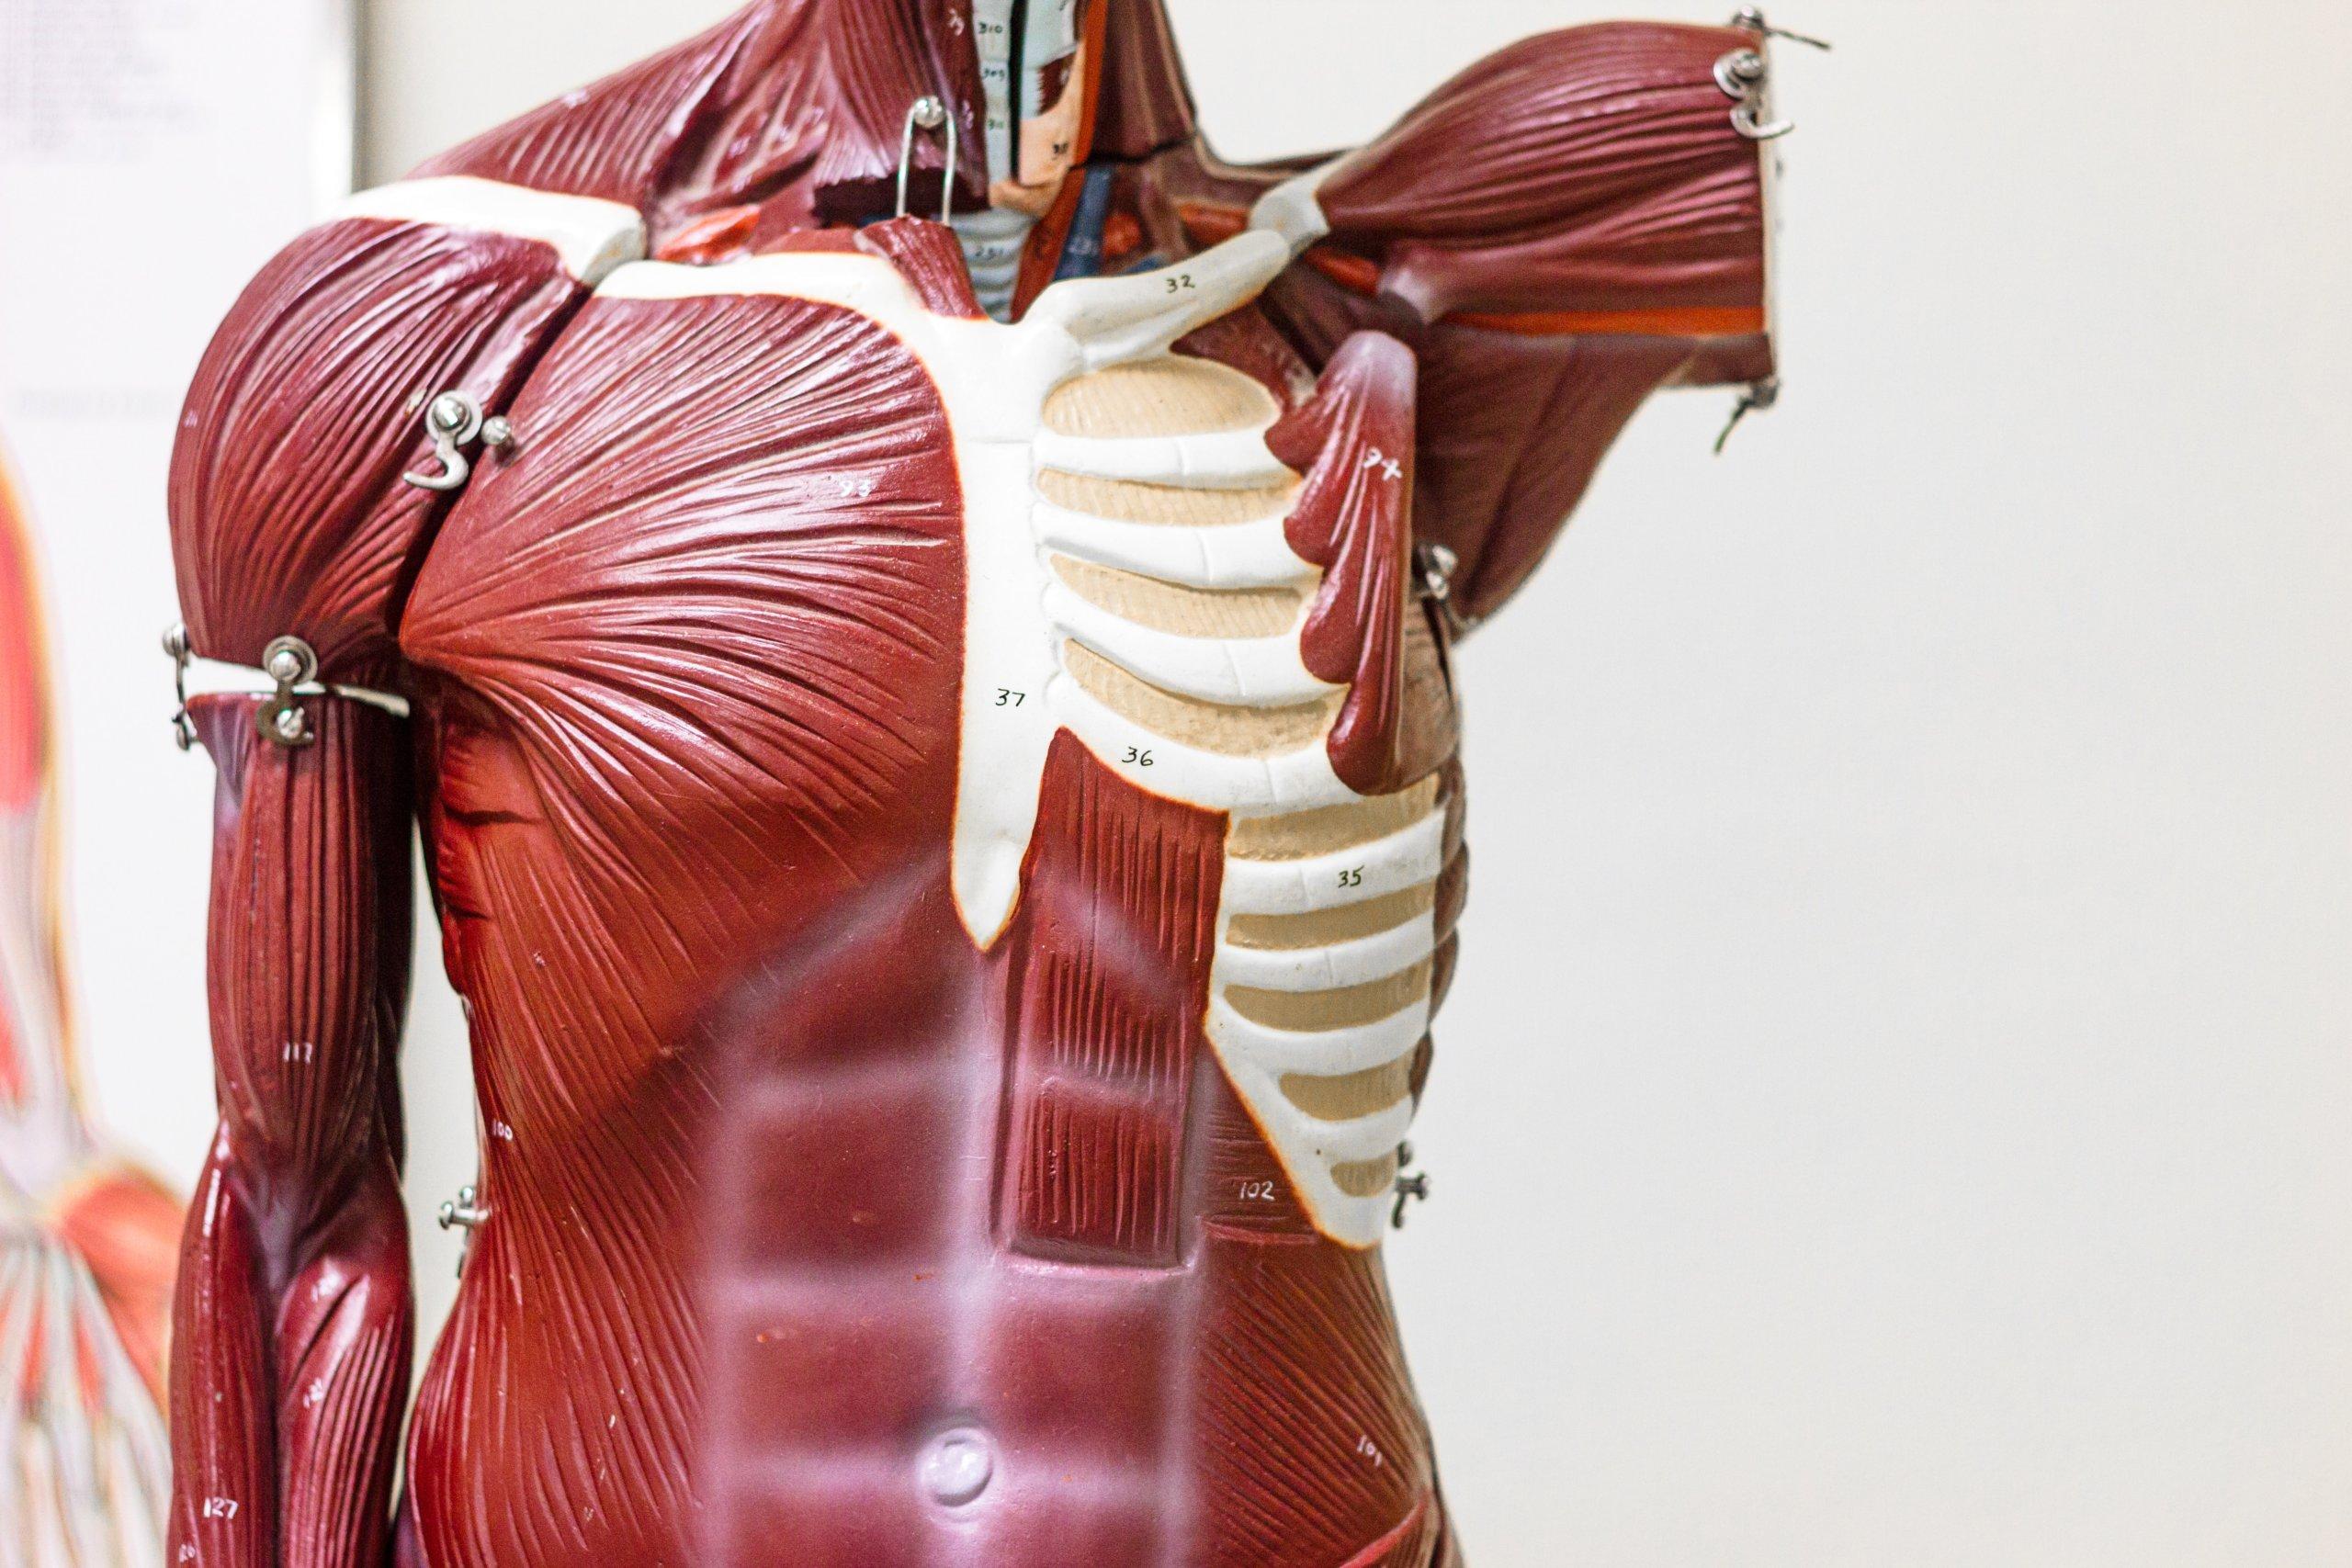 [Zadatak dana] Ovo se uči na Biologiji: Znate li koji je najveći mišić u ljudskom tijelu?